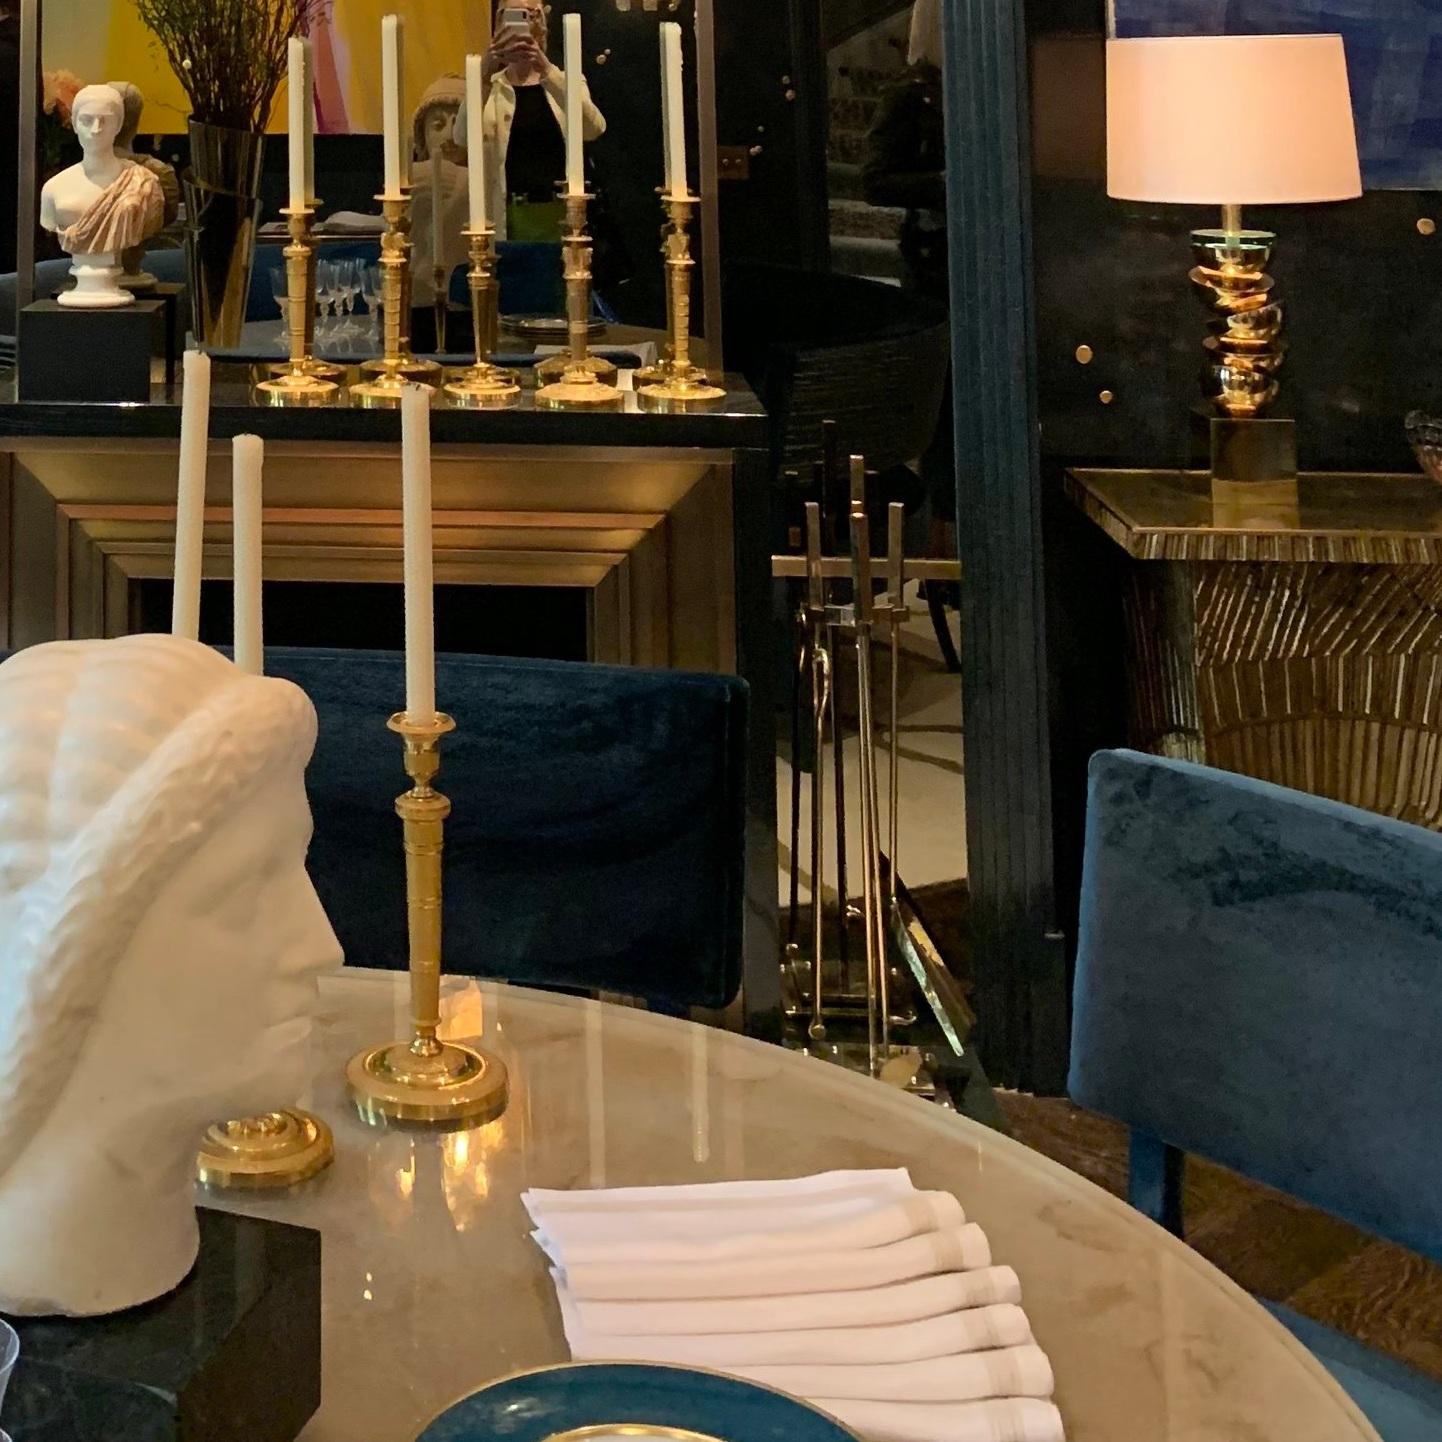 Cullman & Kravis Dining Room